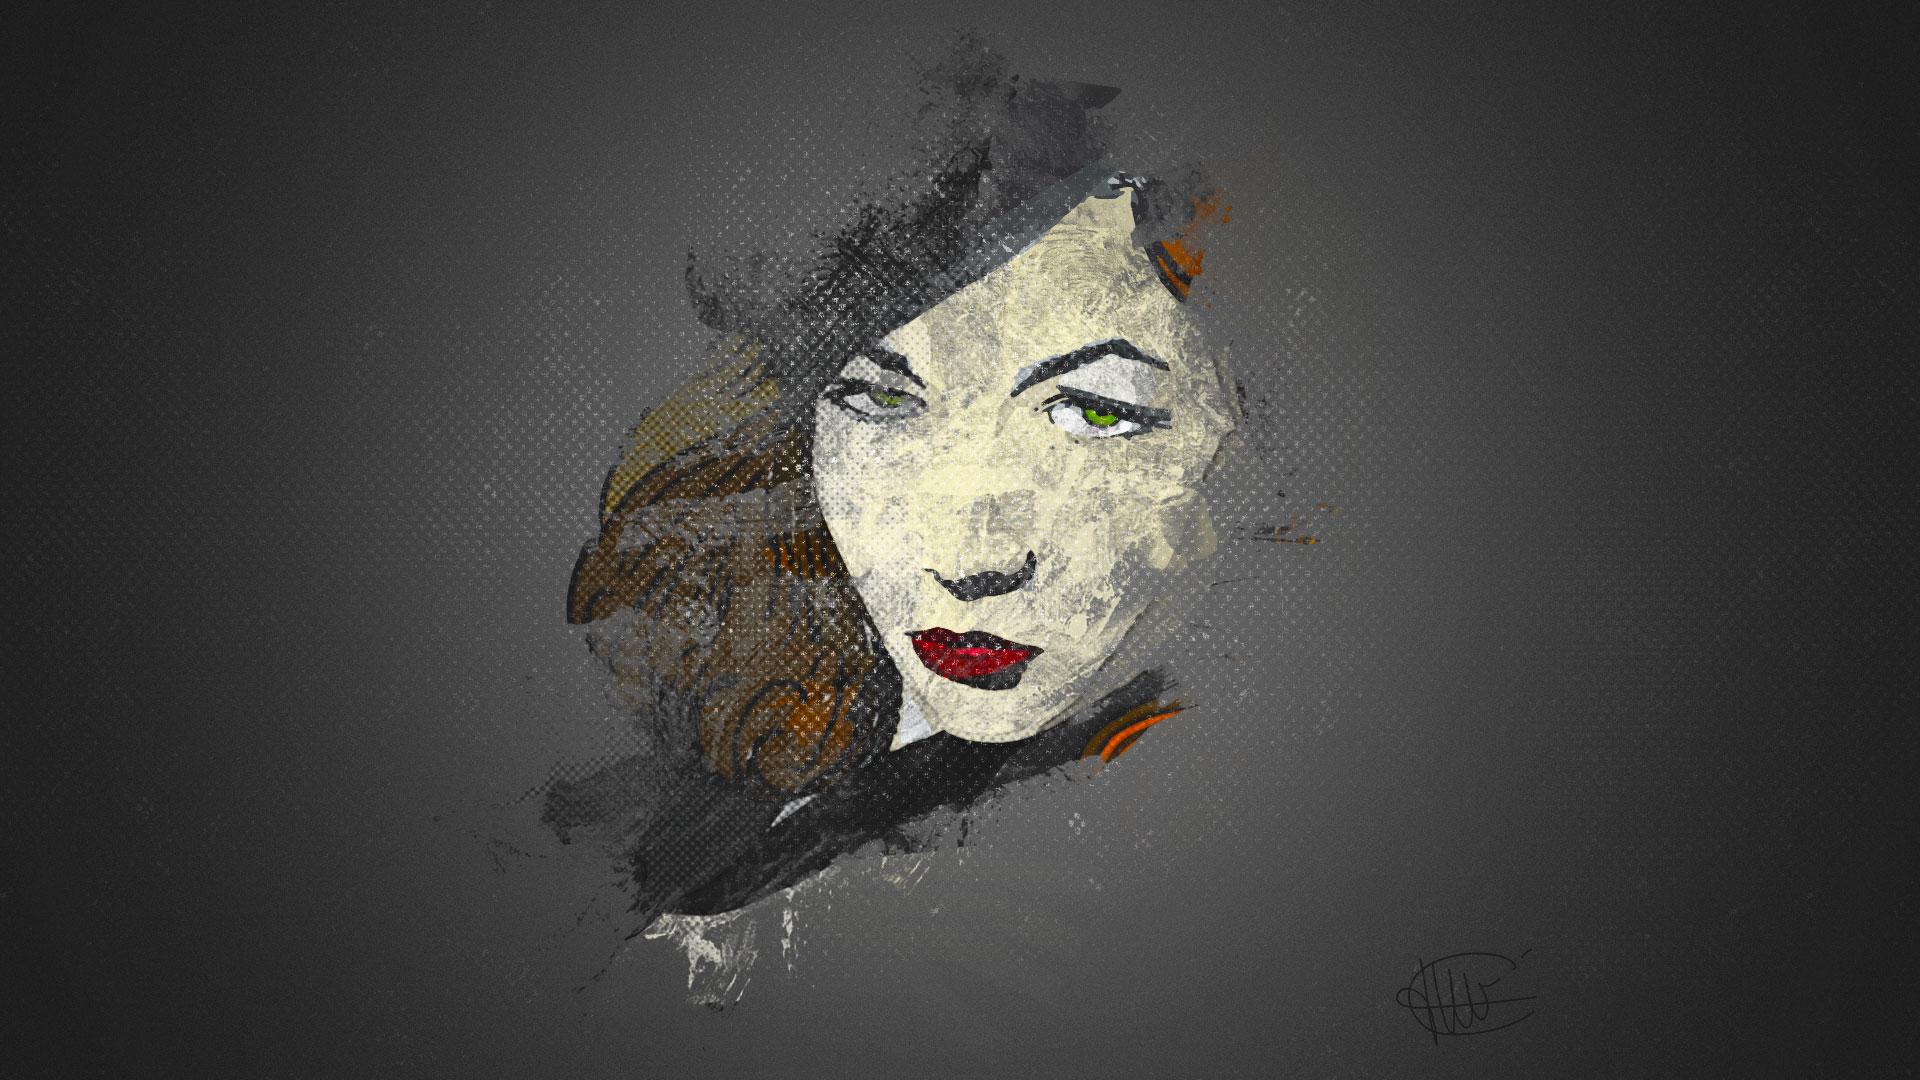 Dessin de Lauren Bacall colorisé sur Illustrator avec effet halftone réalisé sur photoshop par cecile jonquiere - cecile jonquieres